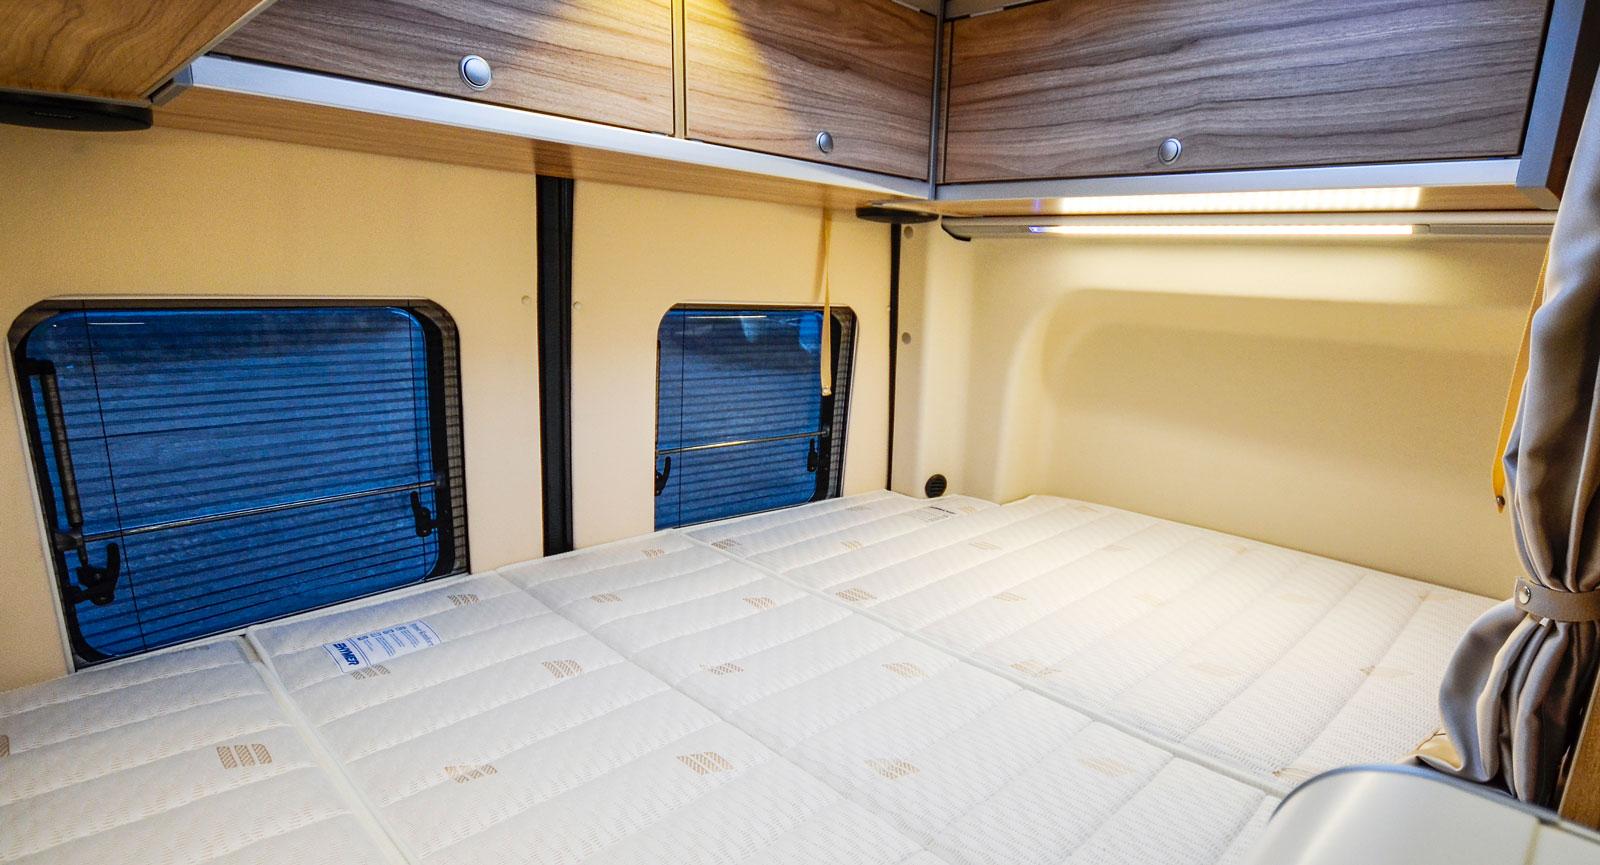 Breddningarna vid sänggaveln mäter 13 cm till vänster och 6 cm till höger. Tack vare dessa utbuktningar kan den tvärställda bädden bli över 190 cm lång.